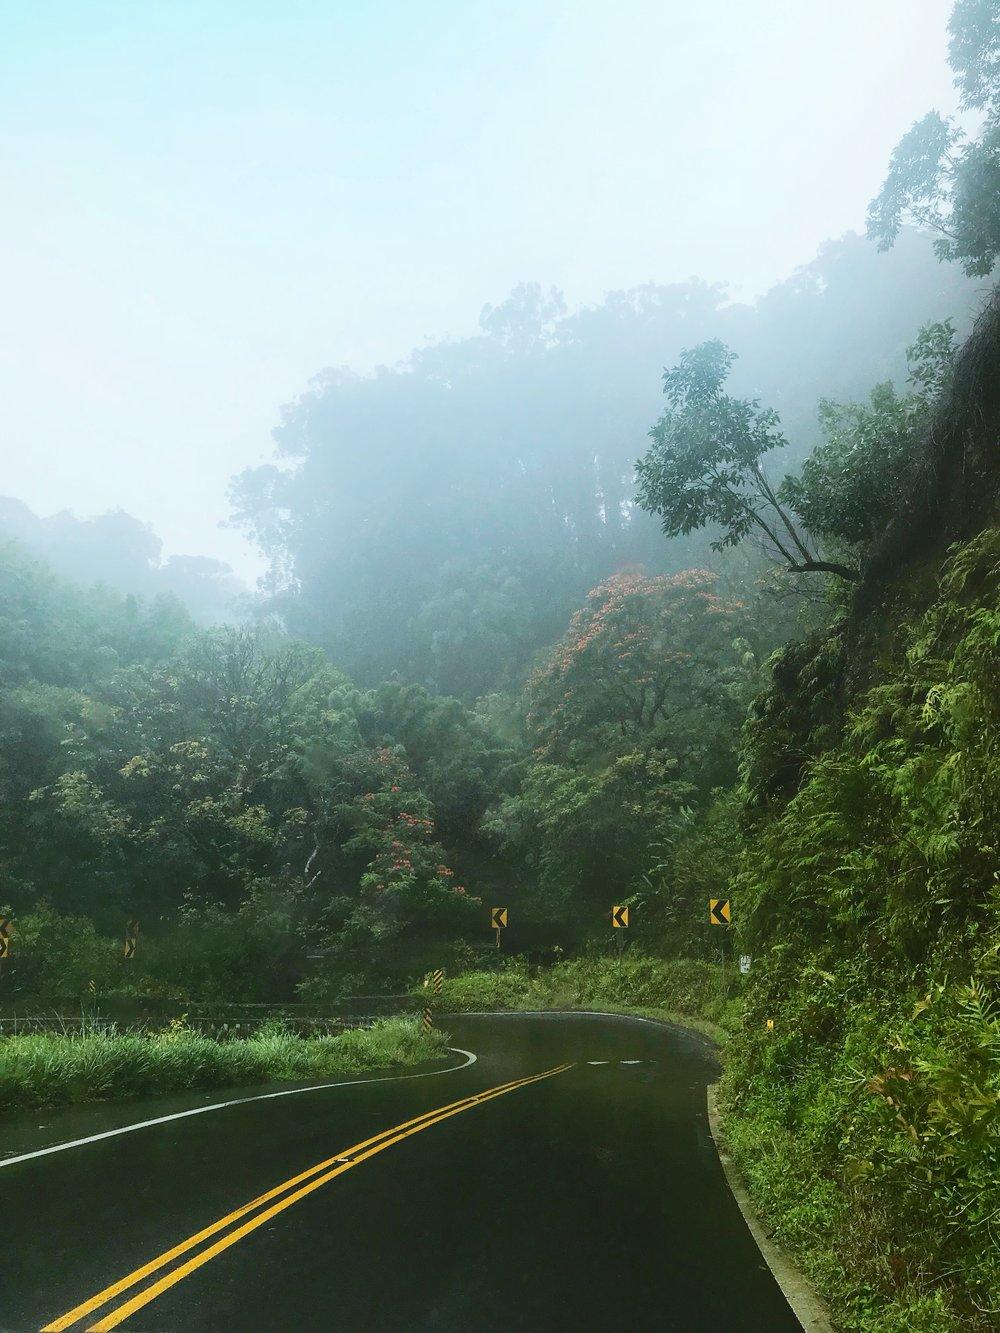 A glimpse of the jungle in the rain.